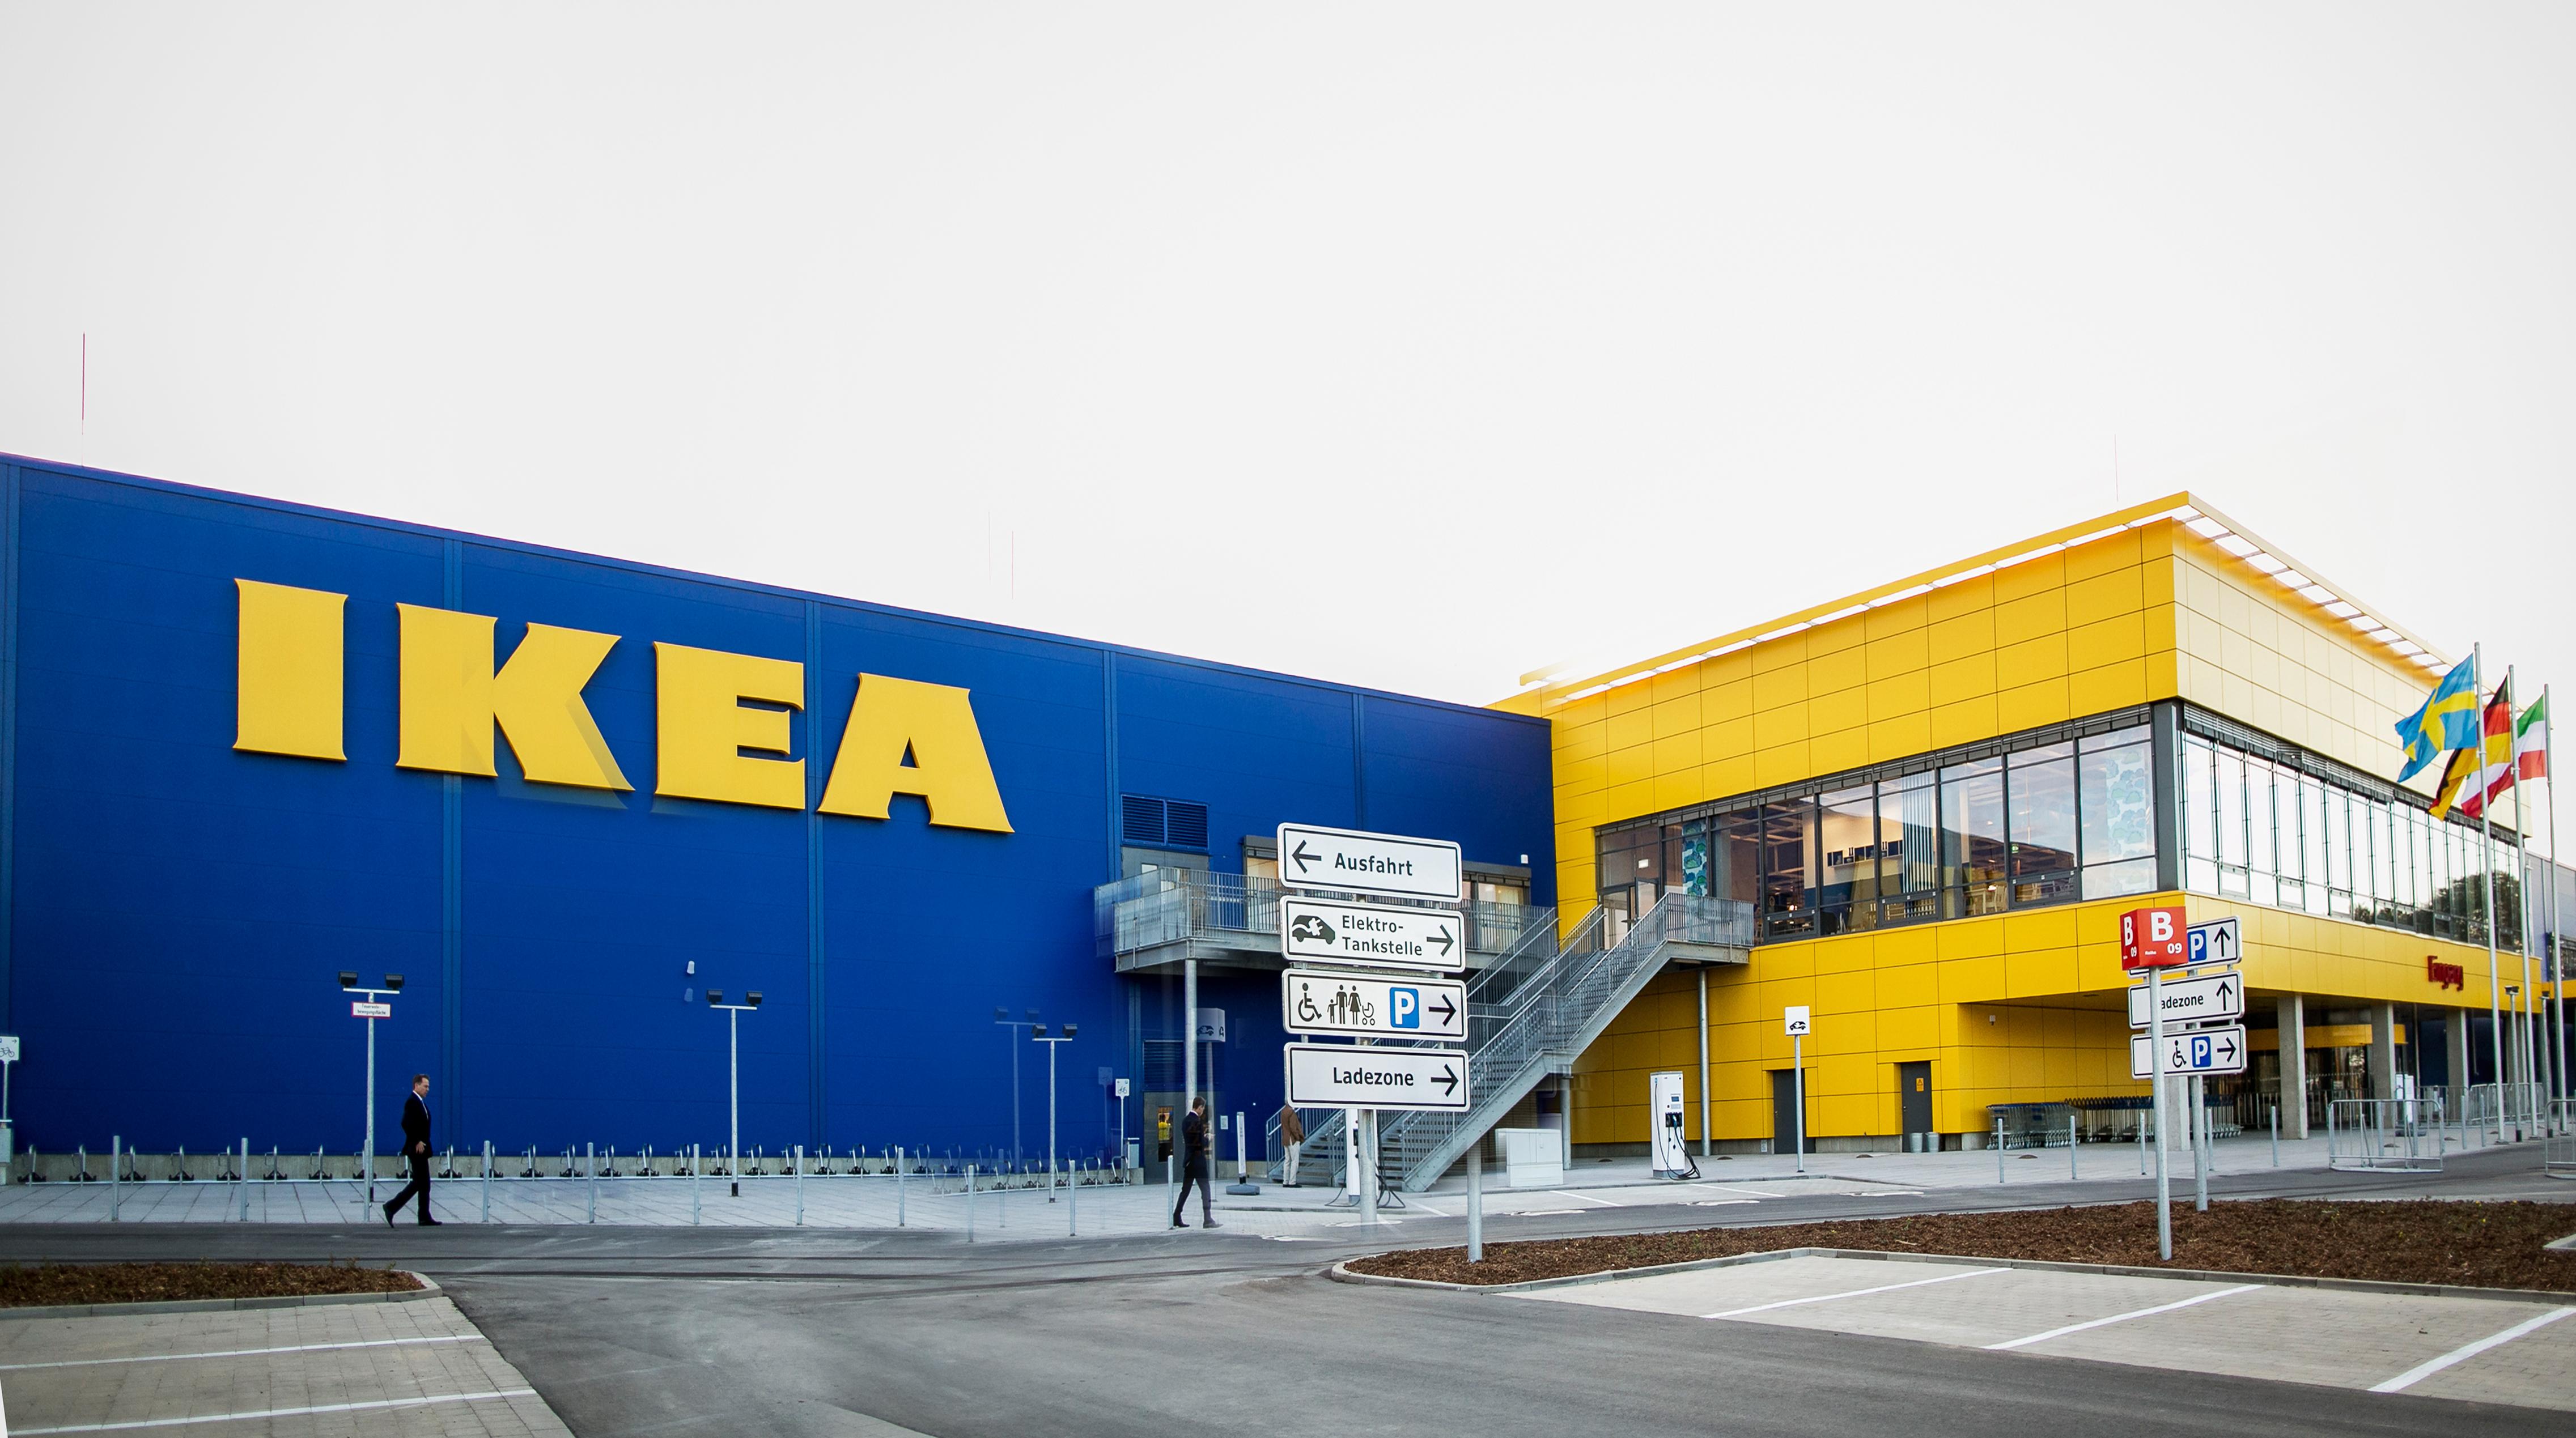 ihr macht ja sachen wir auch ikea er ffnet 51 deutsches einrichtungshaus in. Black Bedroom Furniture Sets. Home Design Ideas